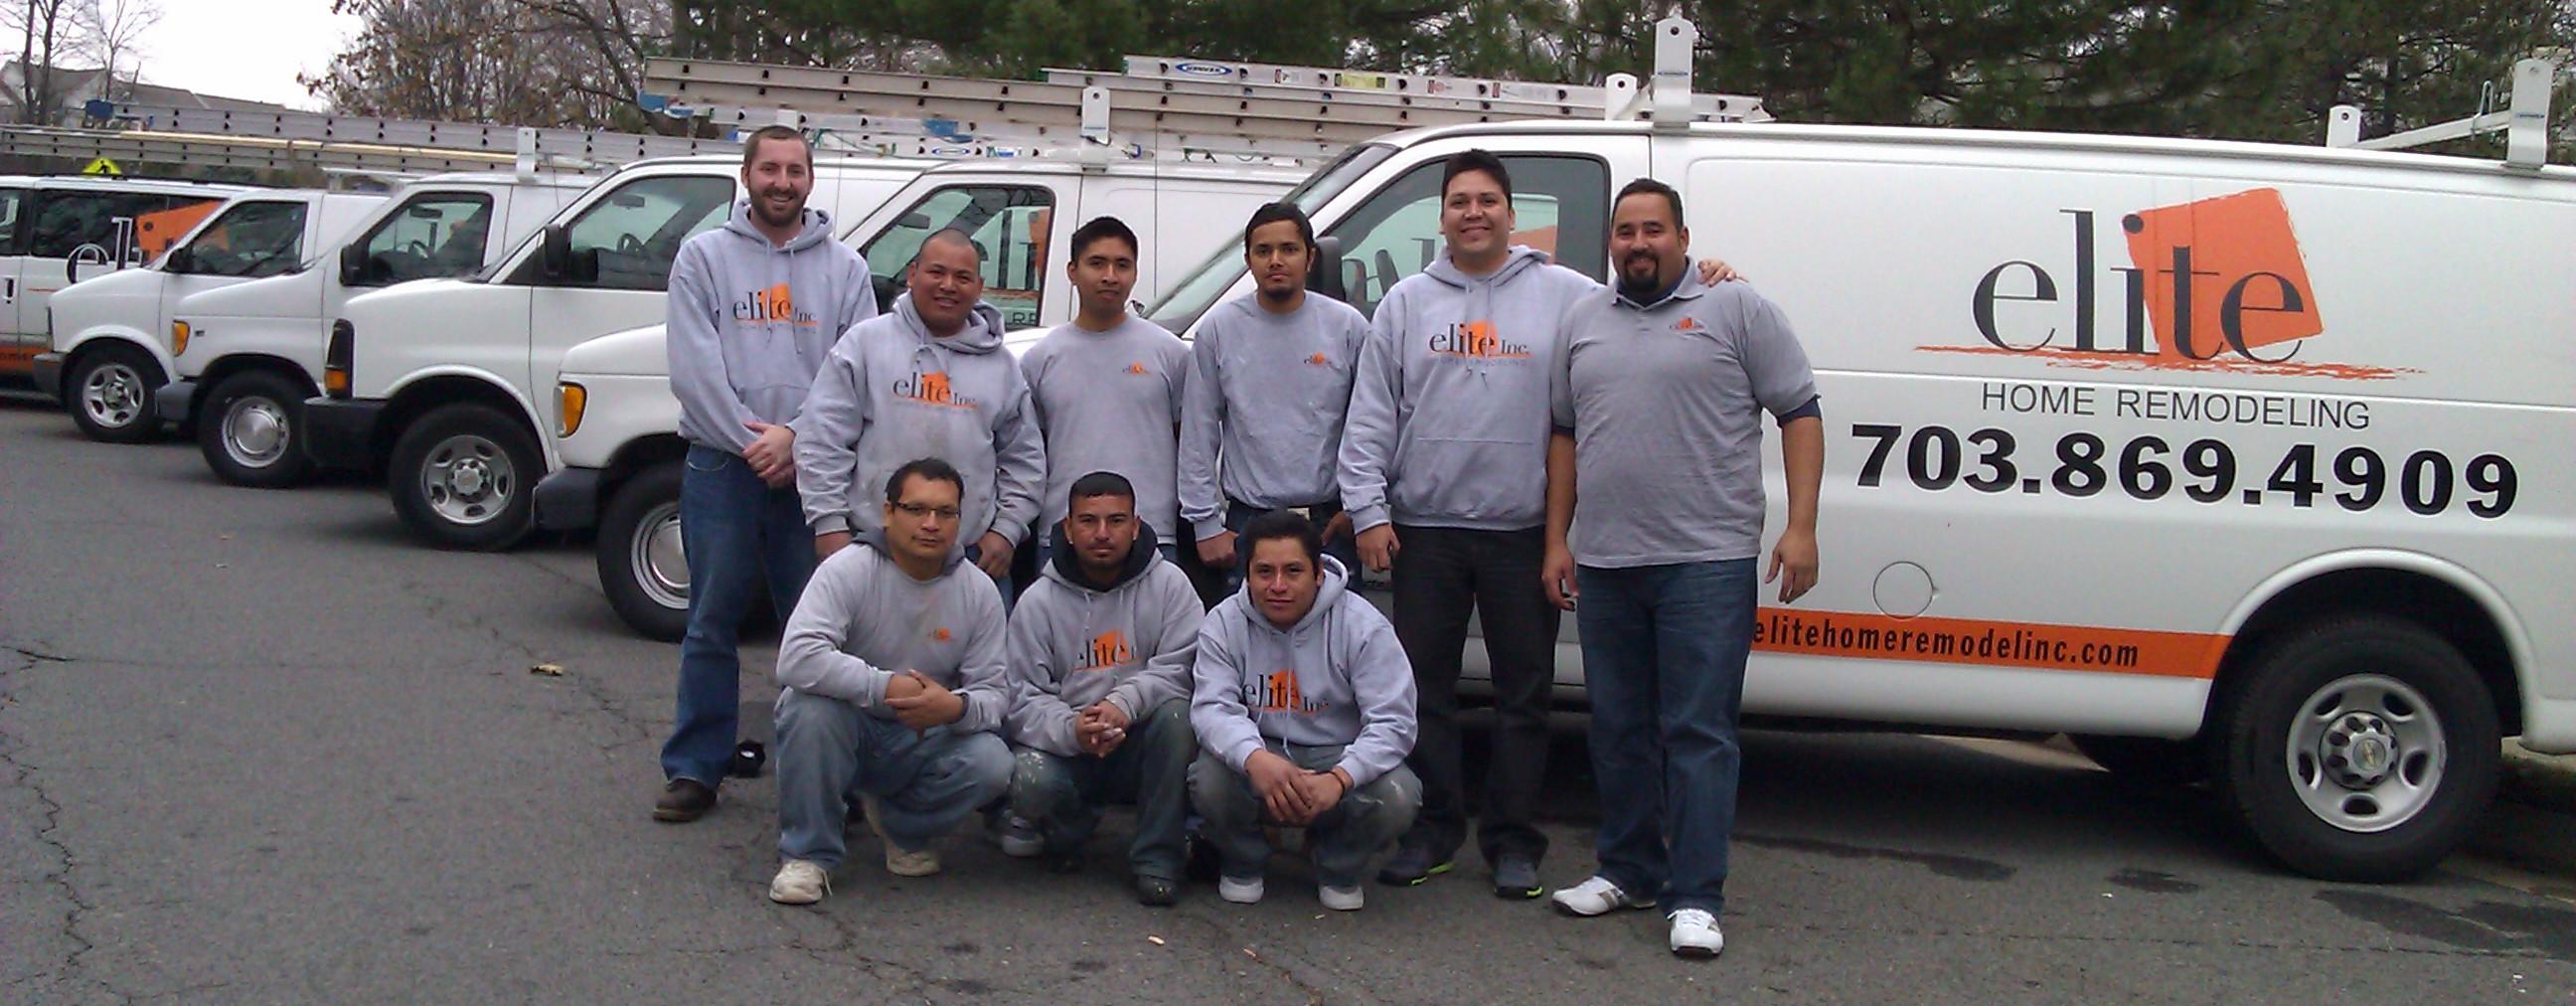 Elite Home Remodeling Team